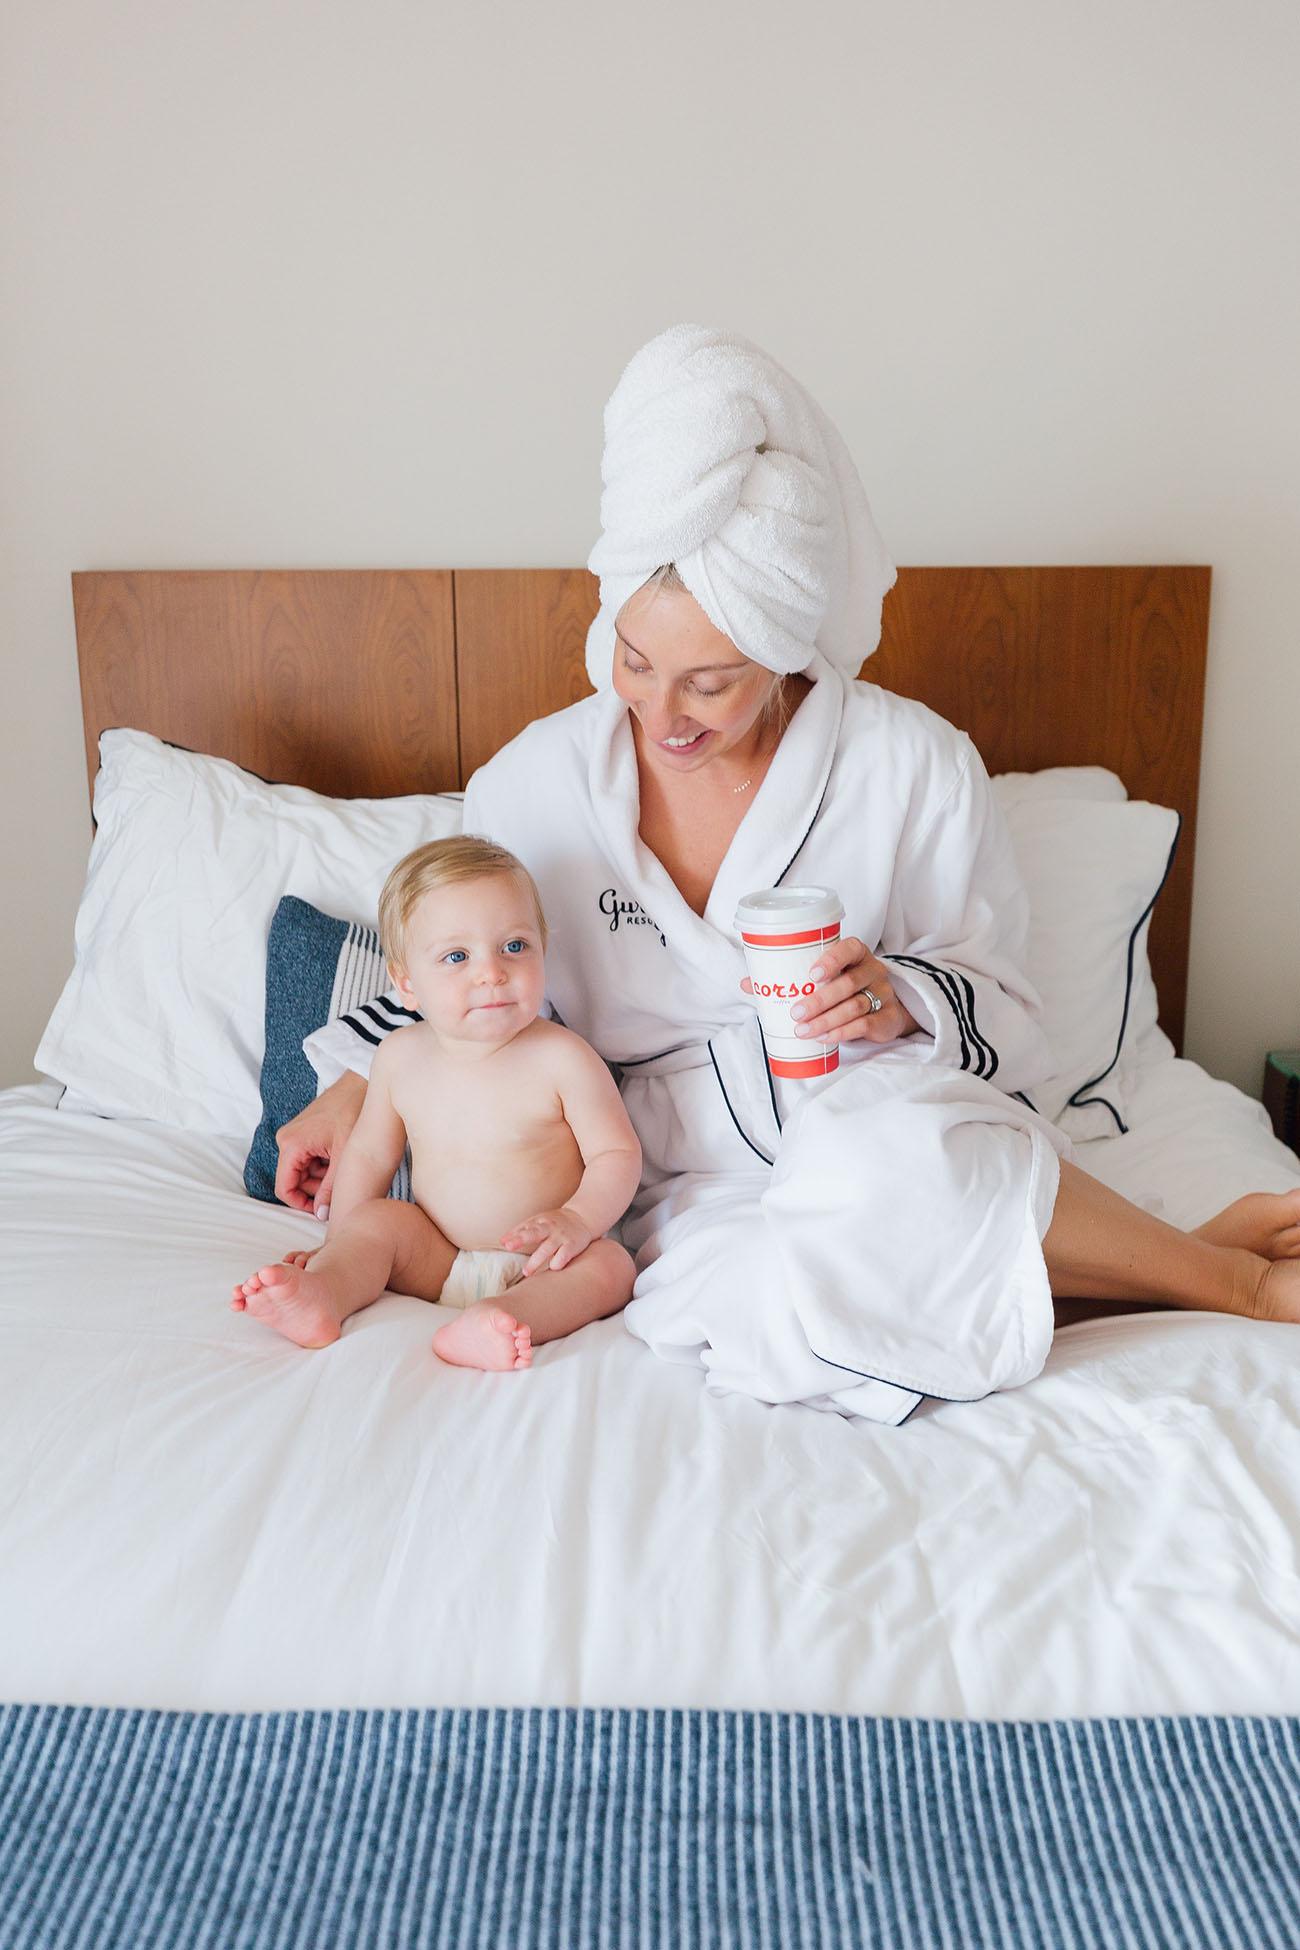 Step Mom Step Son Hotel Room